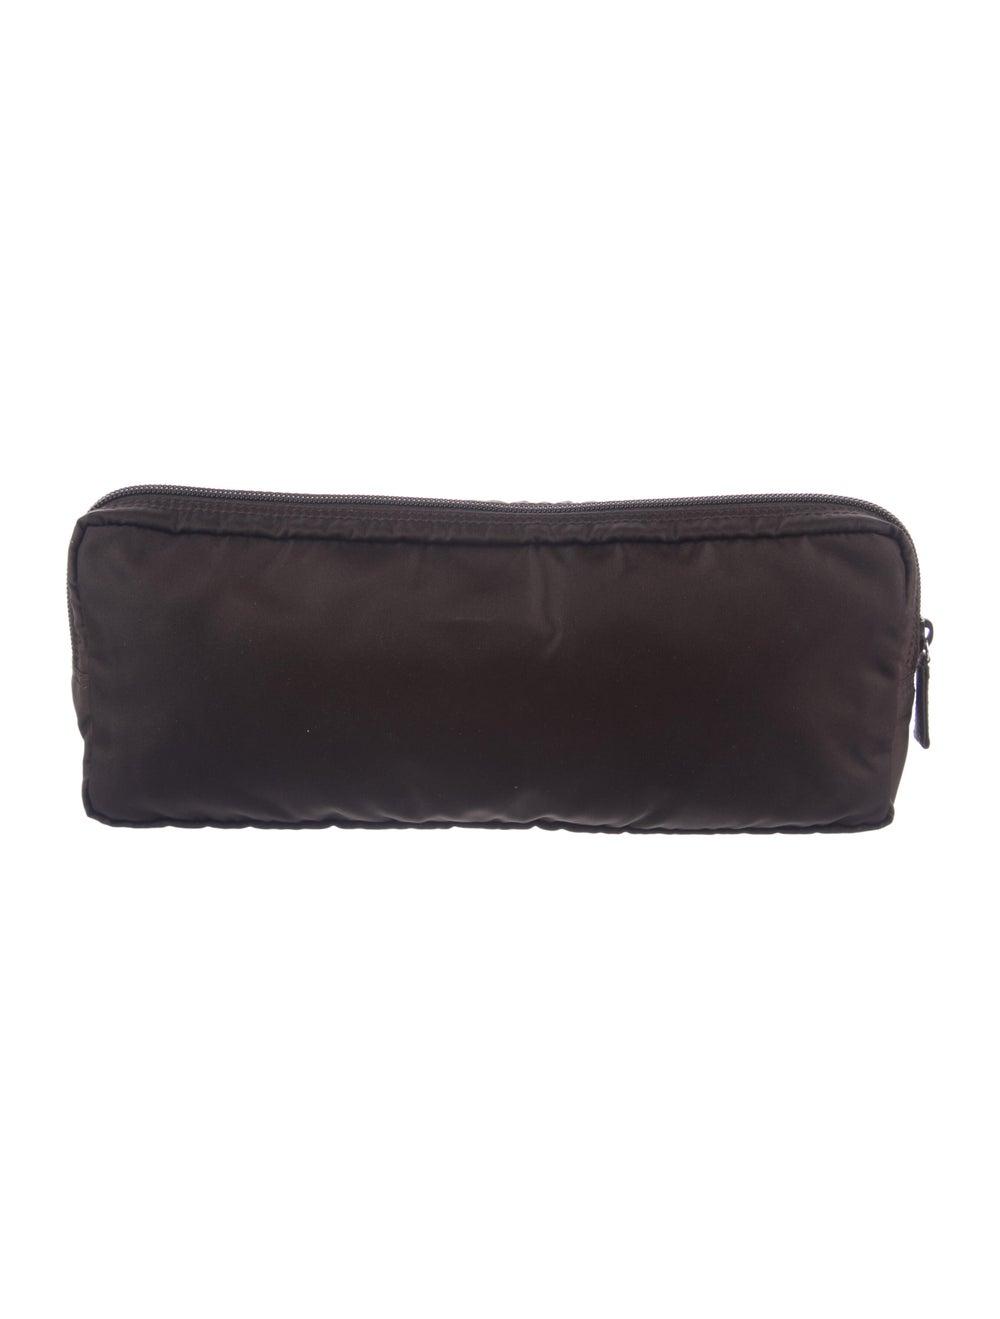 Prada Cosmetic Bag Brown - image 4